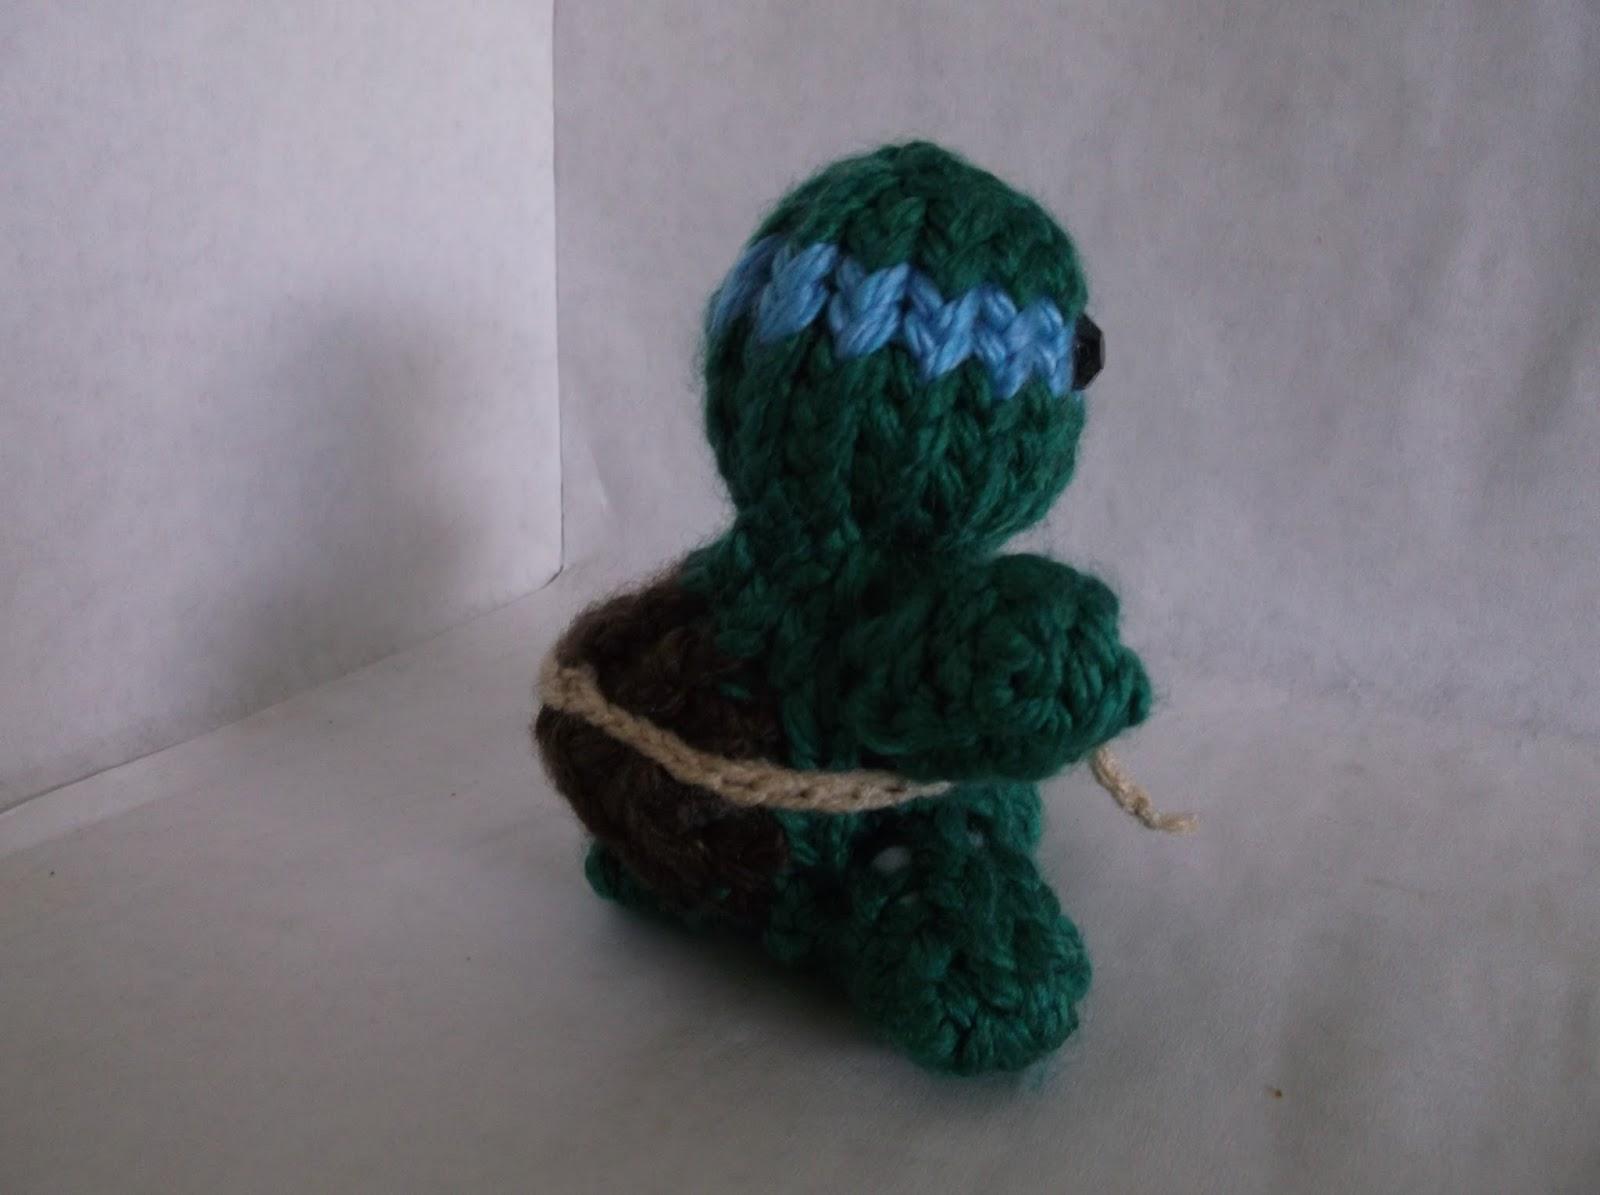 The Loom Muse : How to Loom Knit a Ninja Turtle Amigurumi